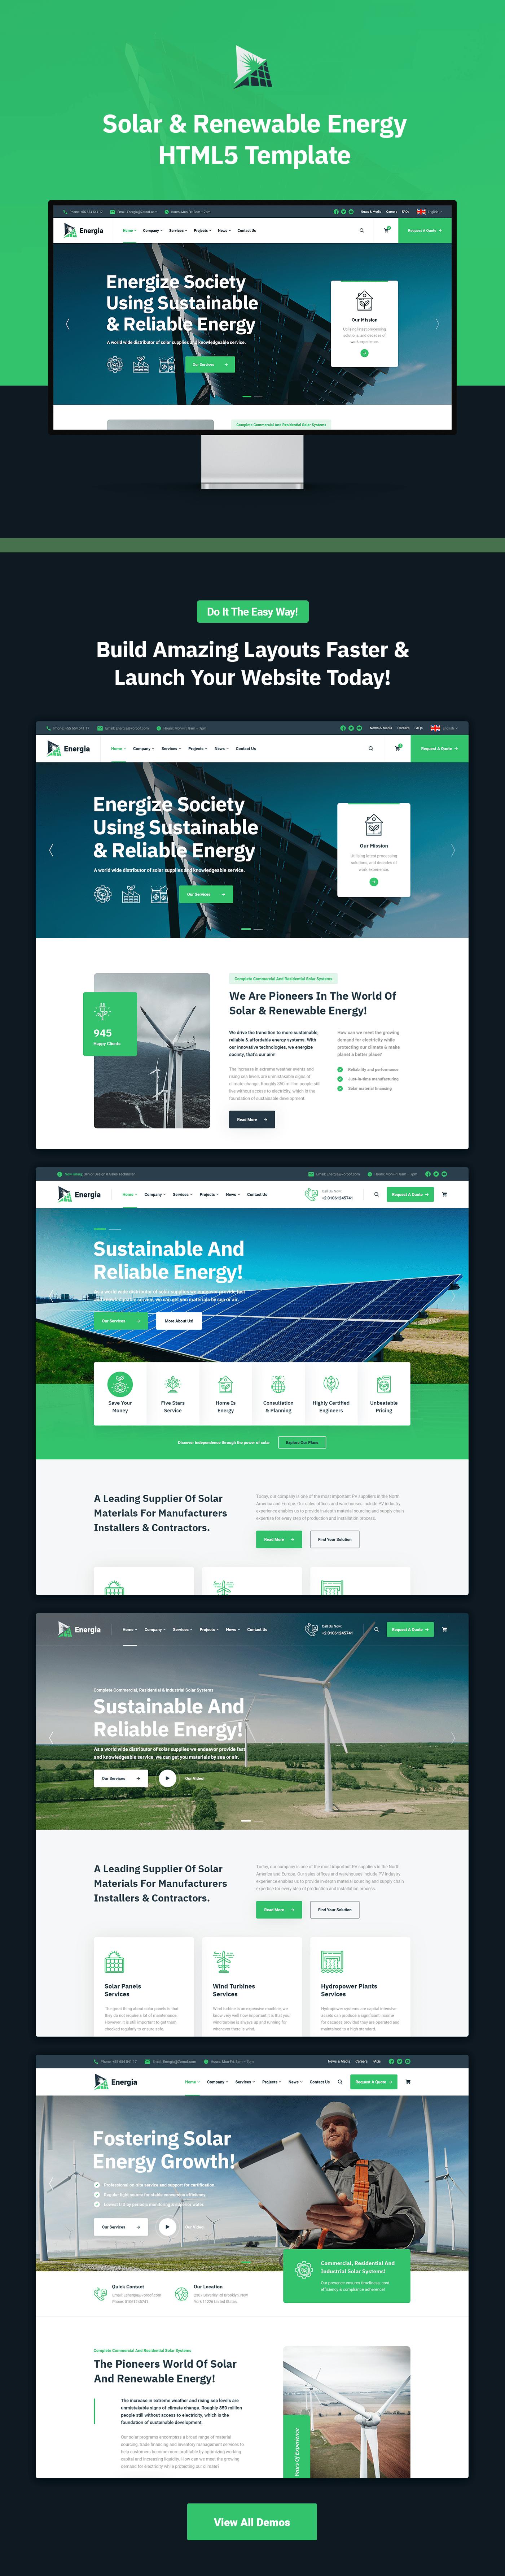 Energia - Renewable Energy HTML5 Template - 1